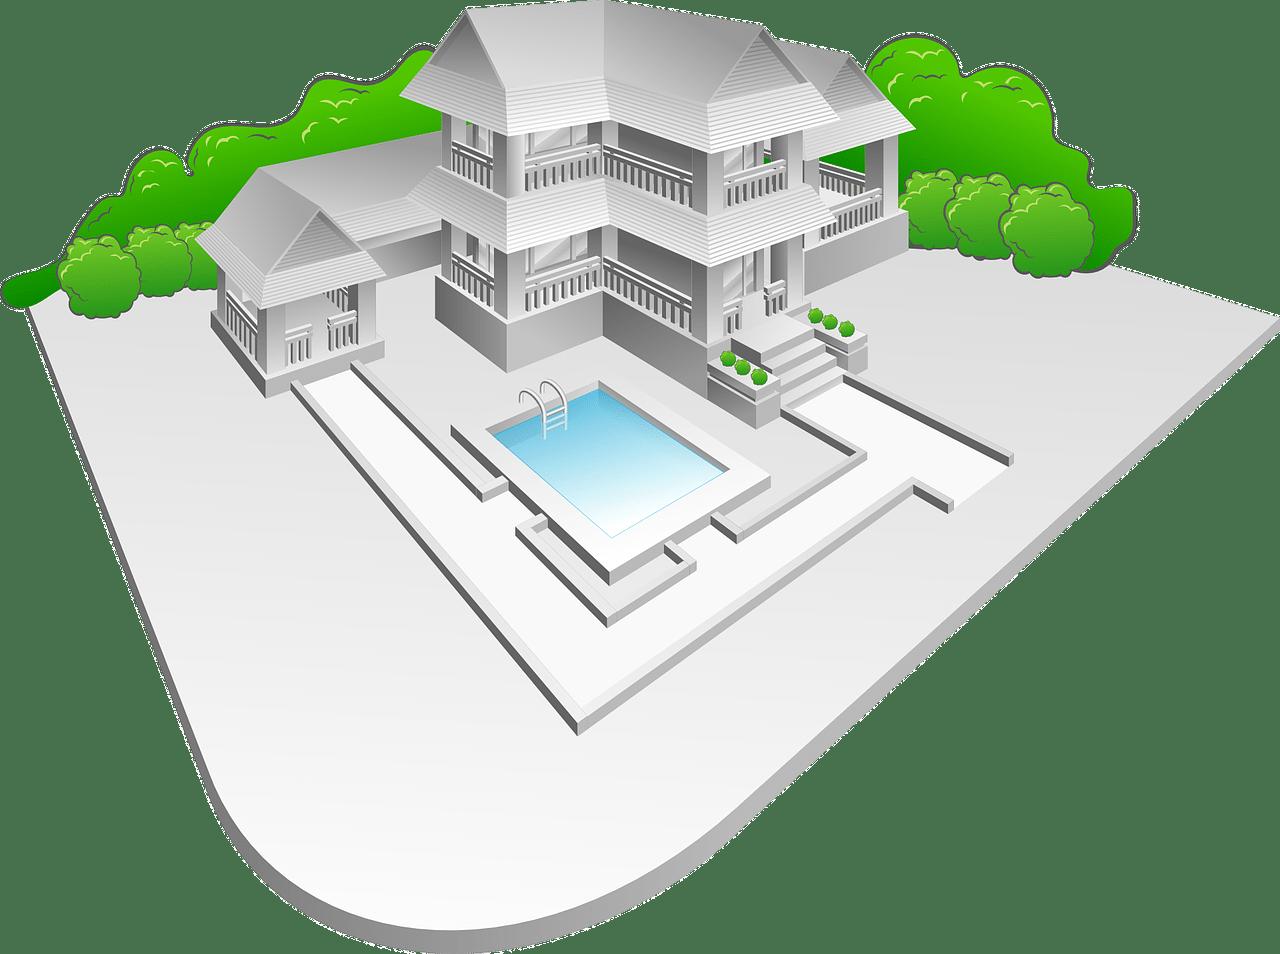 niedrige zinsen erm glichen immobilieninvestment. Black Bedroom Furniture Sets. Home Design Ideas